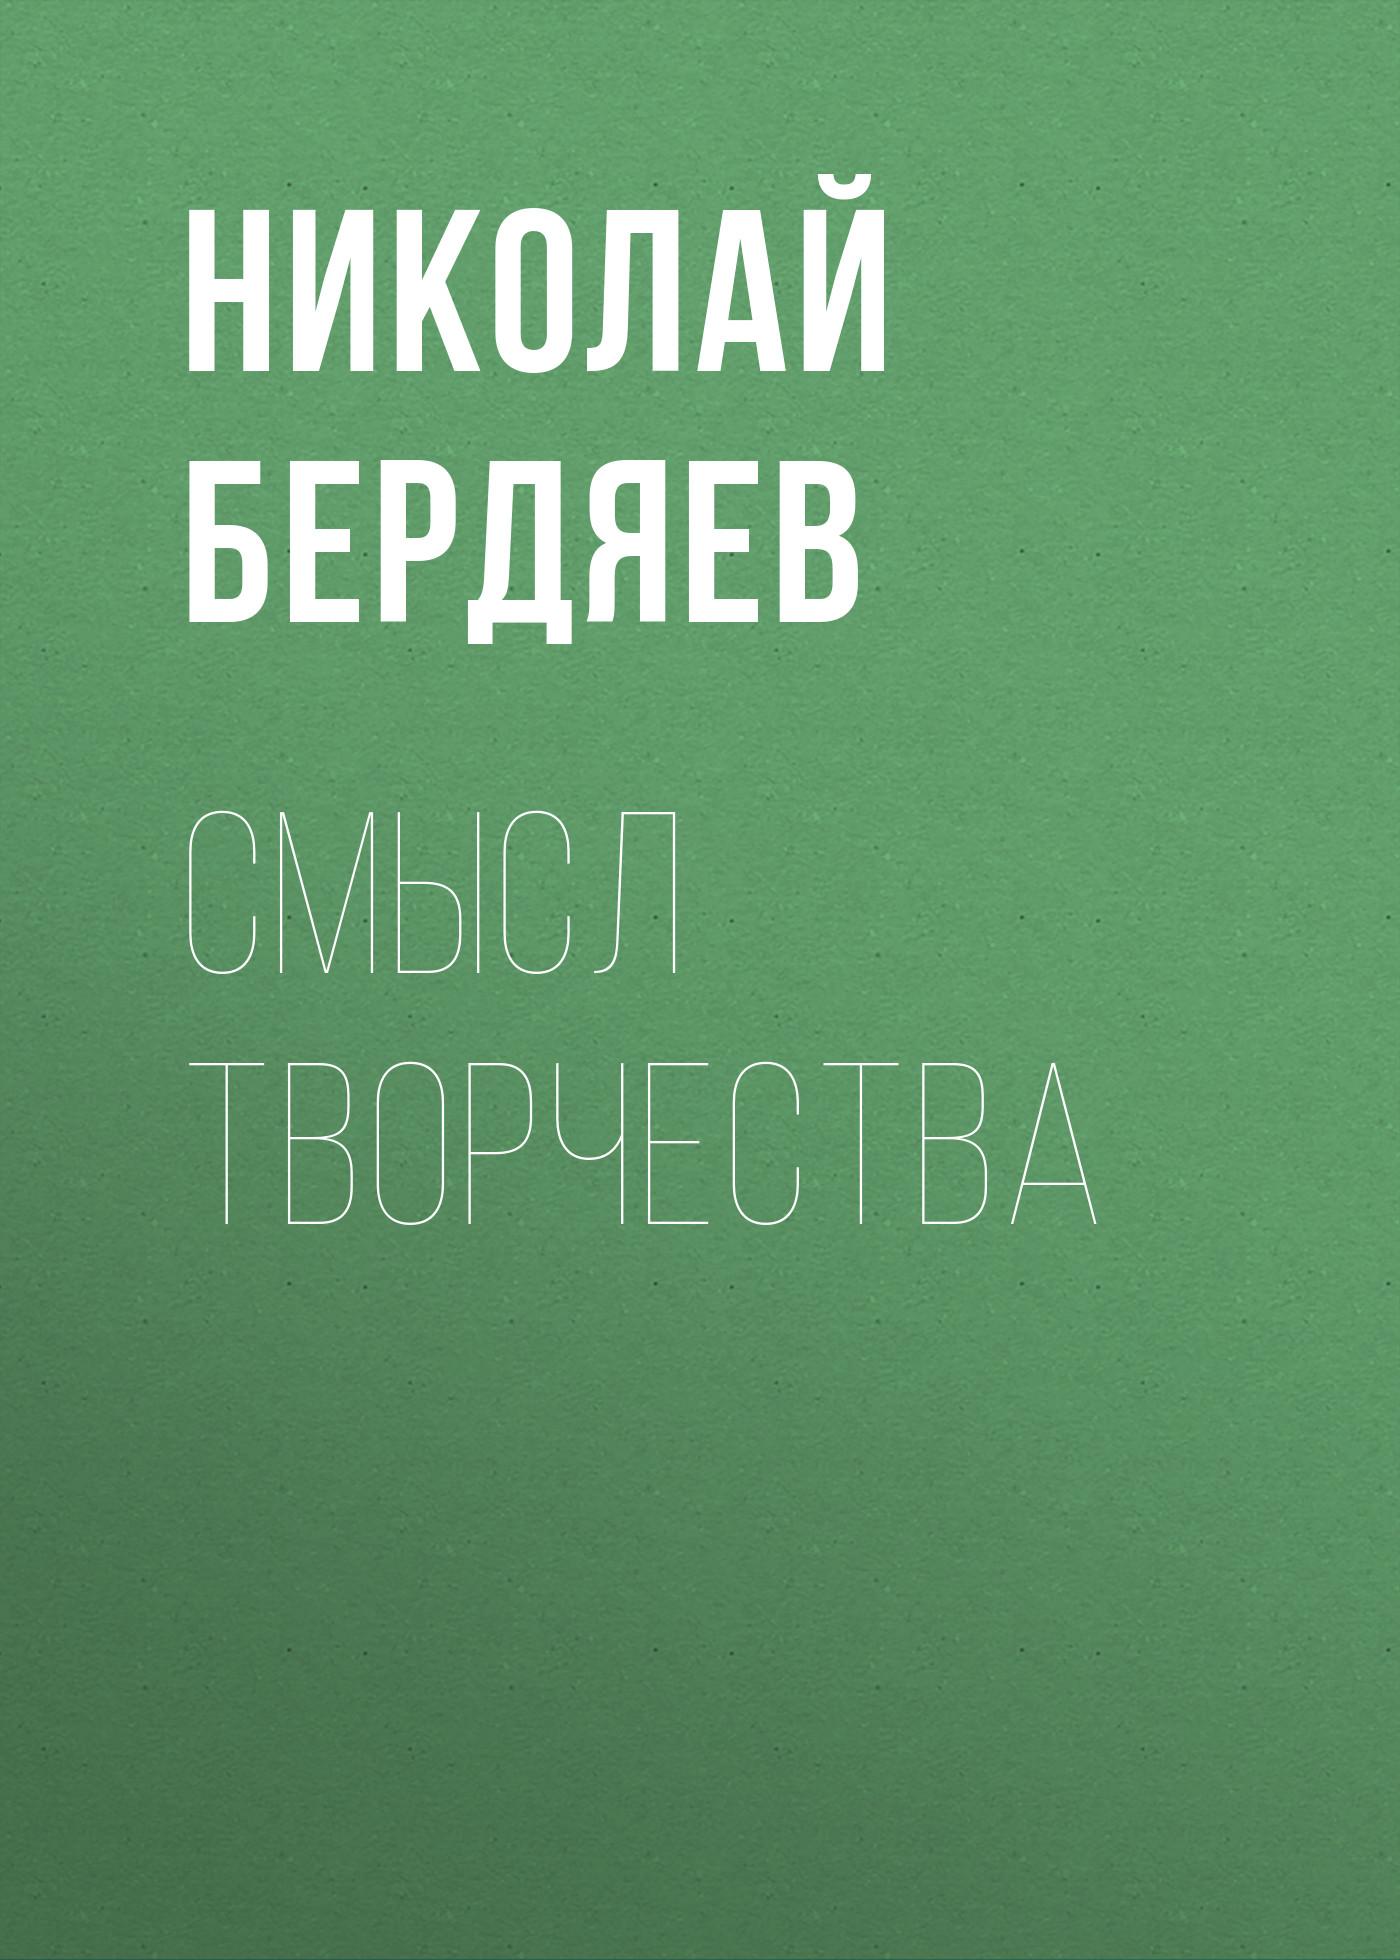 Николай Бердяев Смысл творчества н а бердяев философия свободы смысл творчества опыт оправдания человека